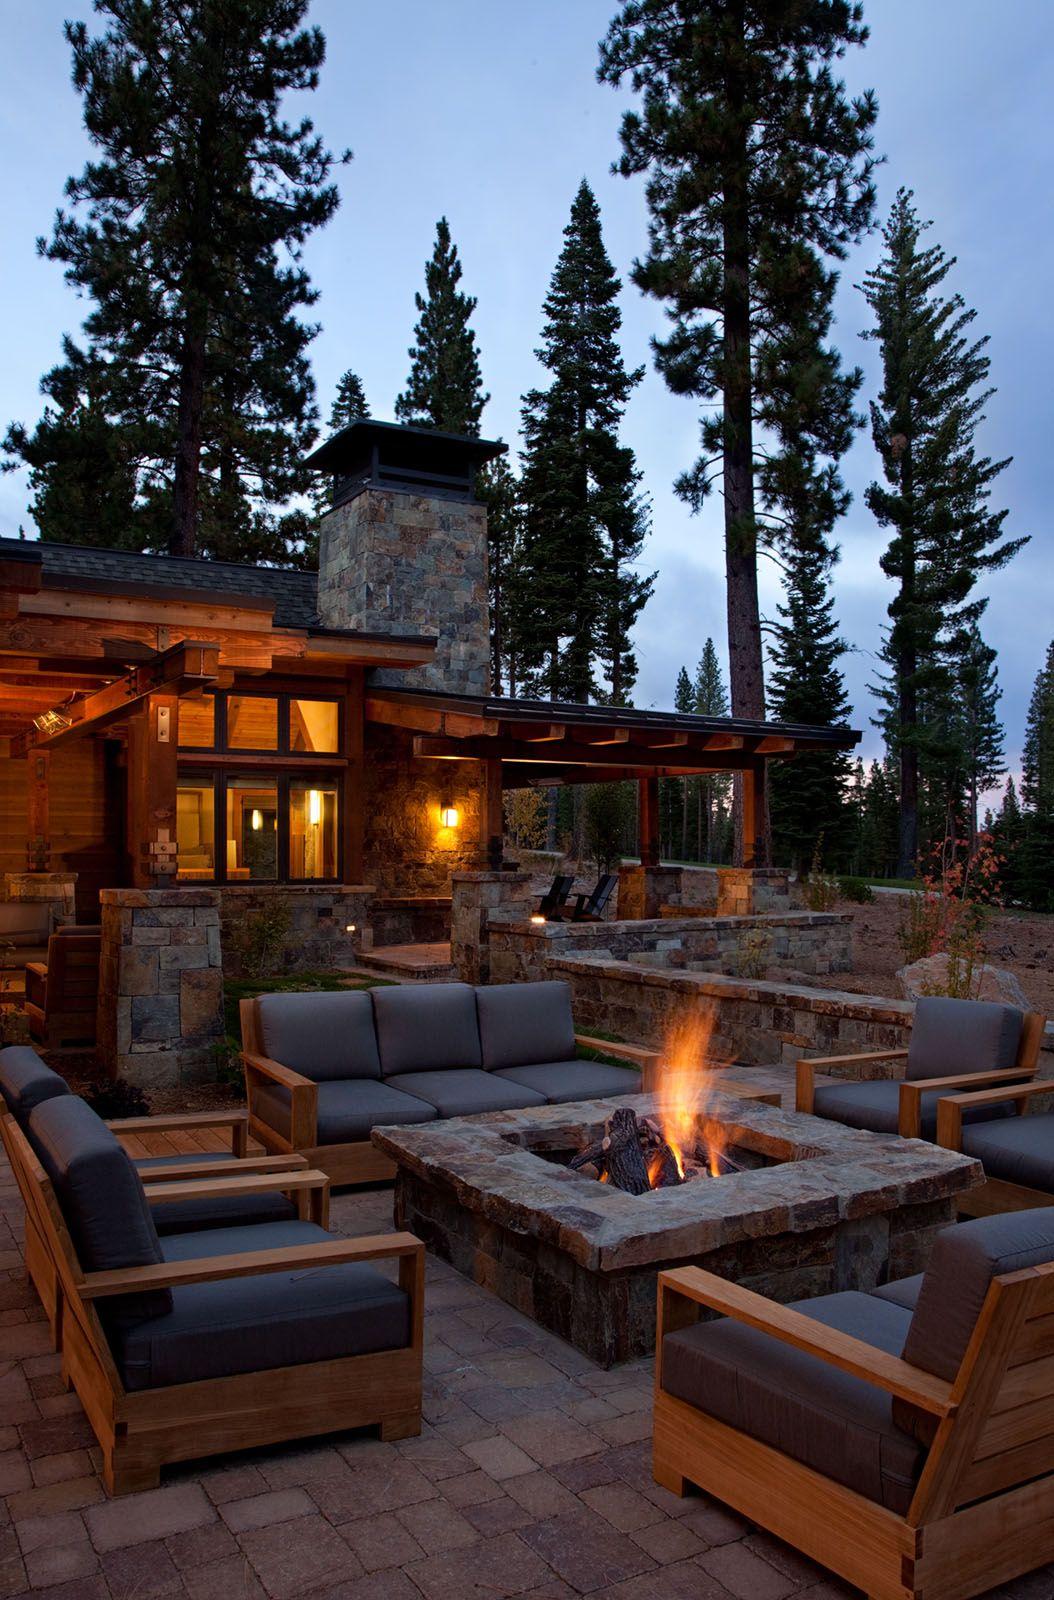 Eine Feuerstelle Im Garten Ist Ohne Zweifel Ein Wunderschönes Highlight Im  Outdoor Bereich. Sie Sorgt Für Warme Ausstrahlung Und Gemütliche Atmosphäre  Außen